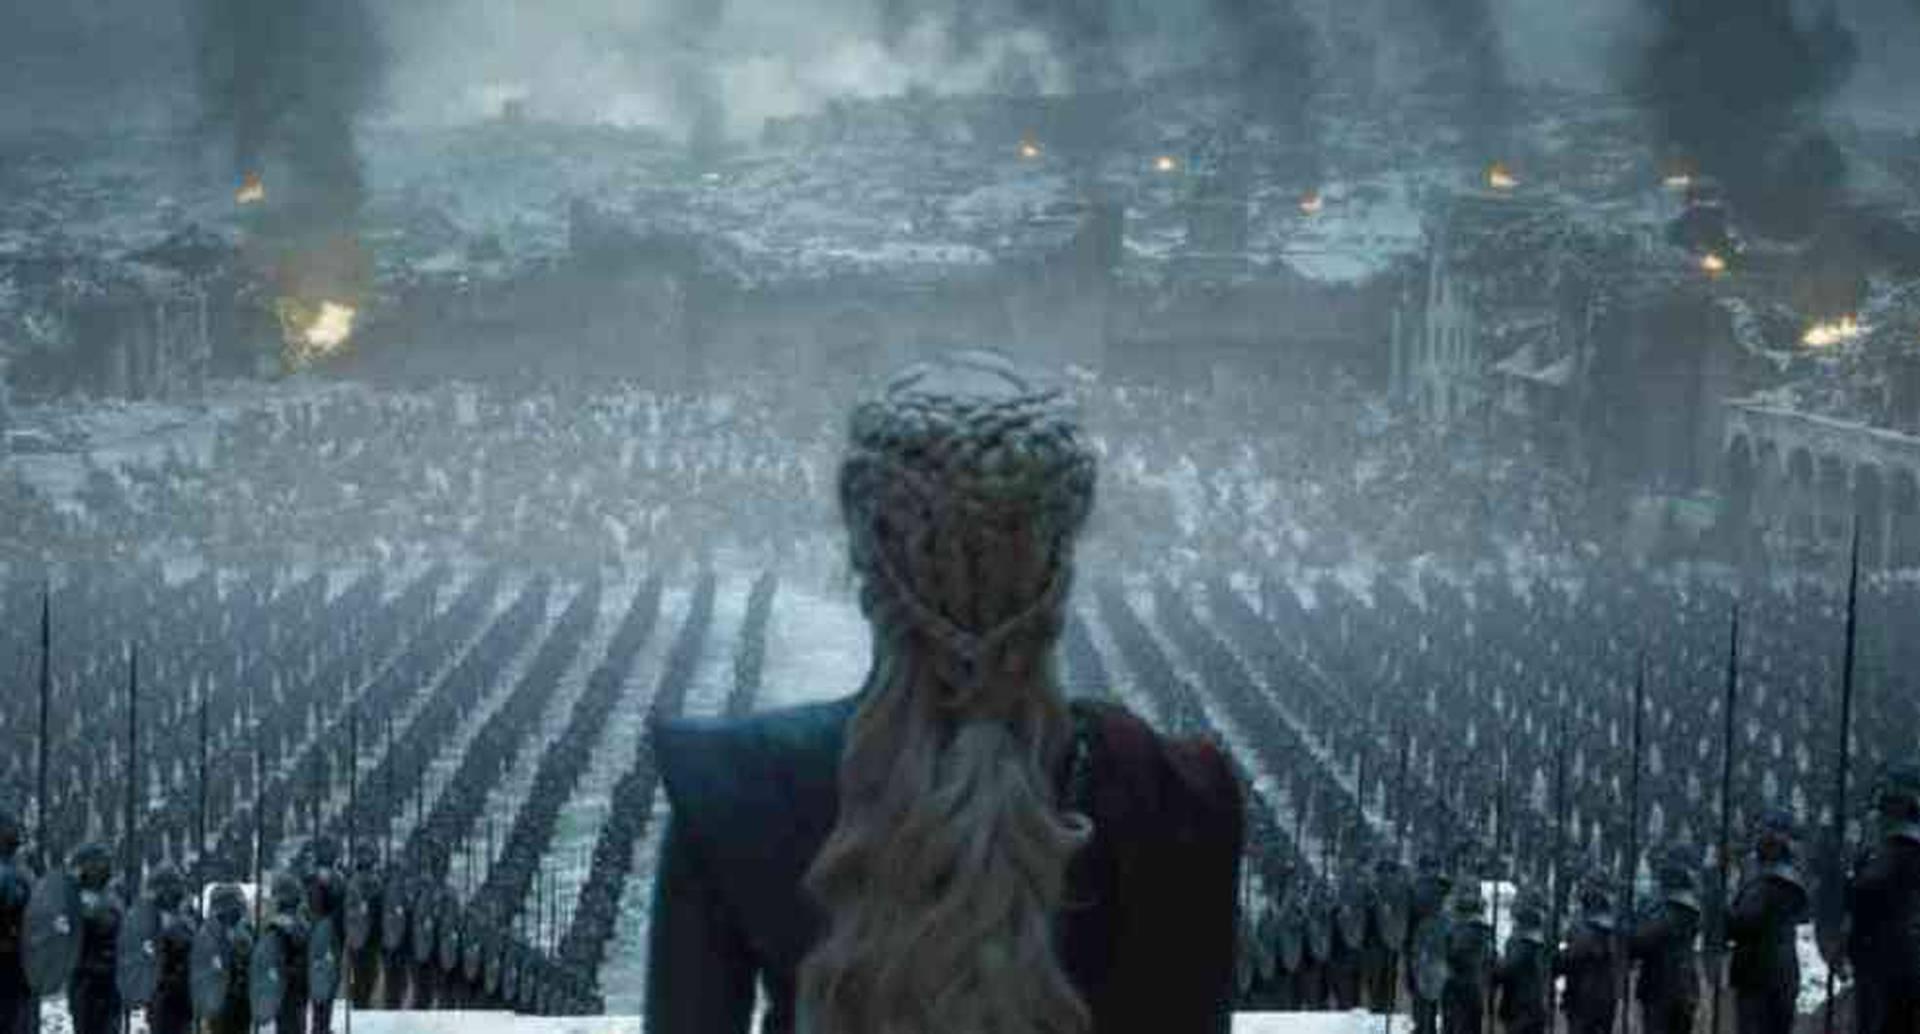 HBO confirma que House of the Dragon, la precuela de Juego de tronos, llegará en 2022